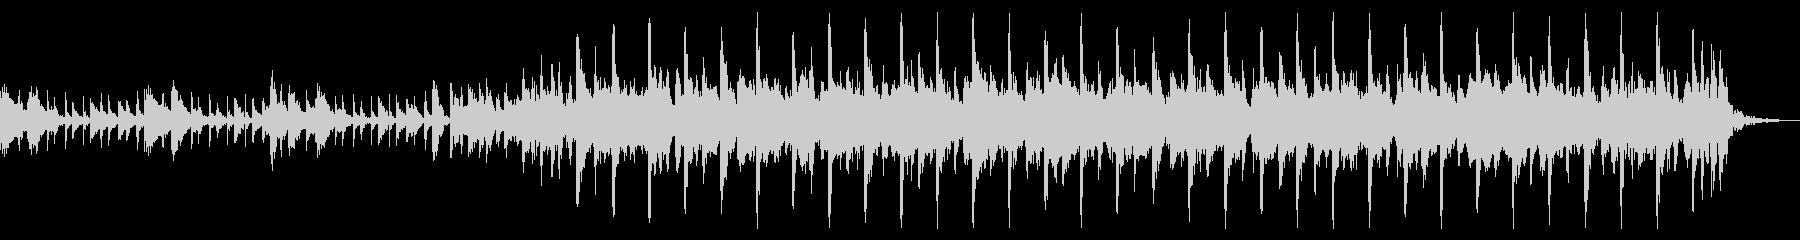 キラキラでかわいいアコギと鉄琴30秒版の未再生の波形